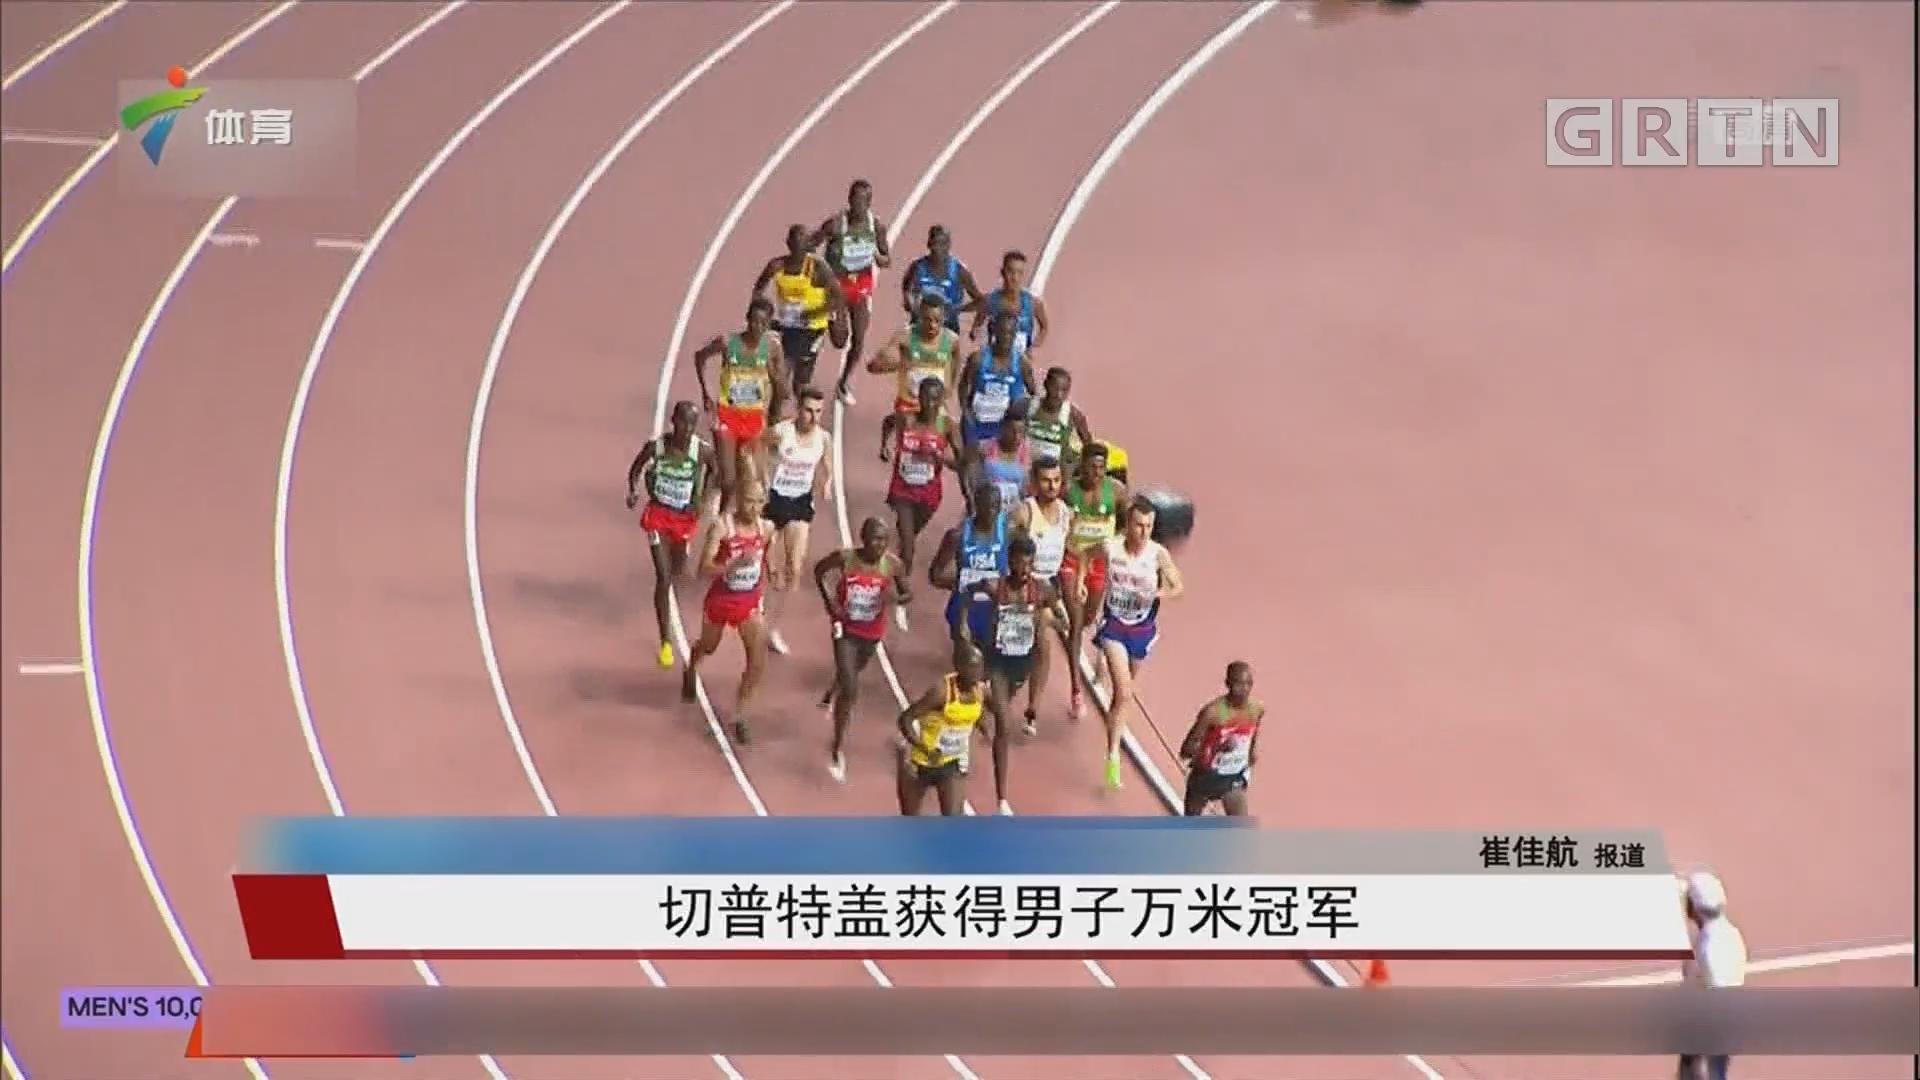 切普特盖获得男子万米冠军